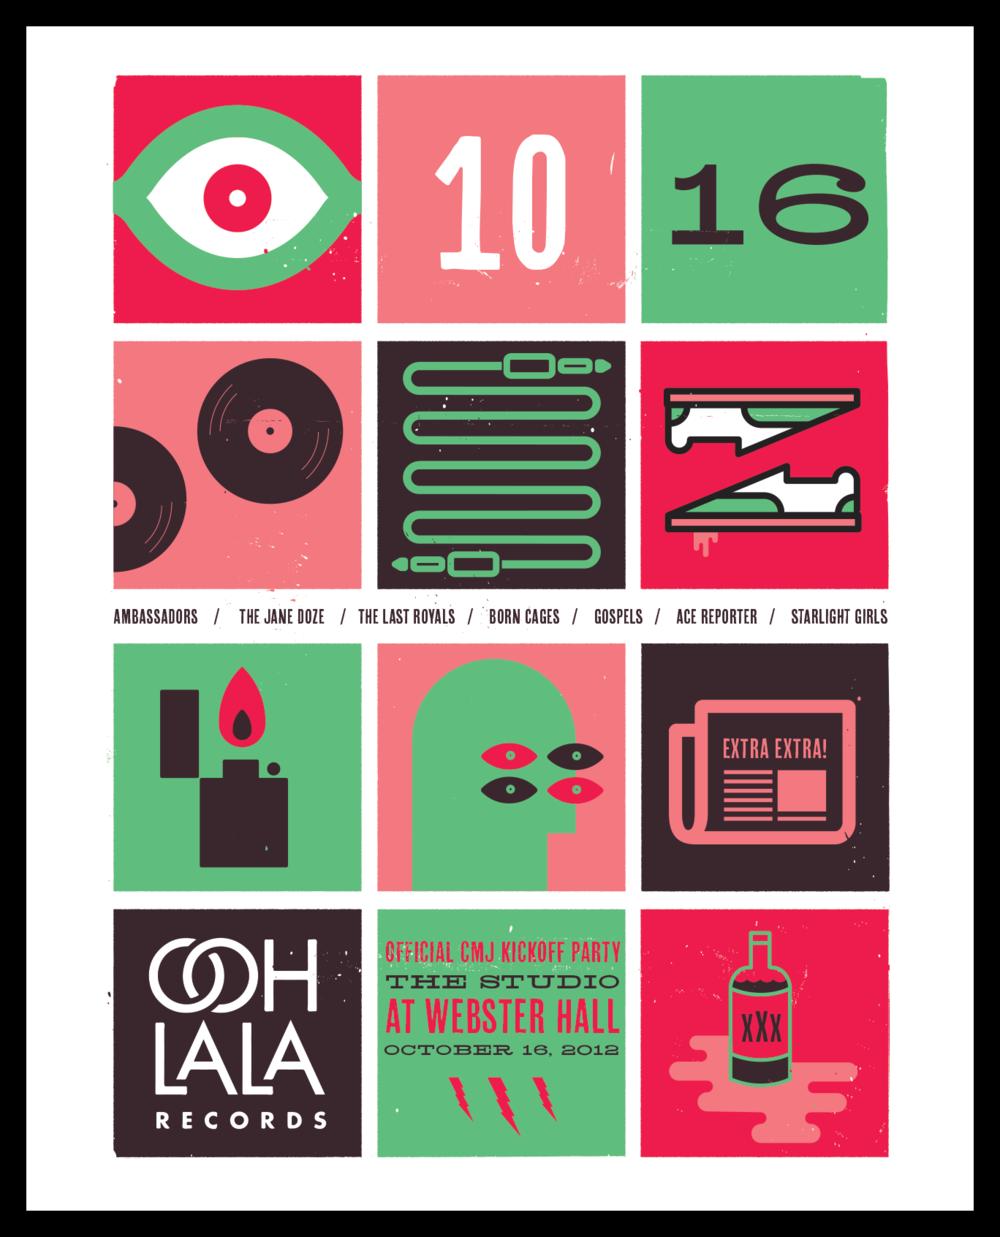 ooh-la-la-records-cmj-poster.png